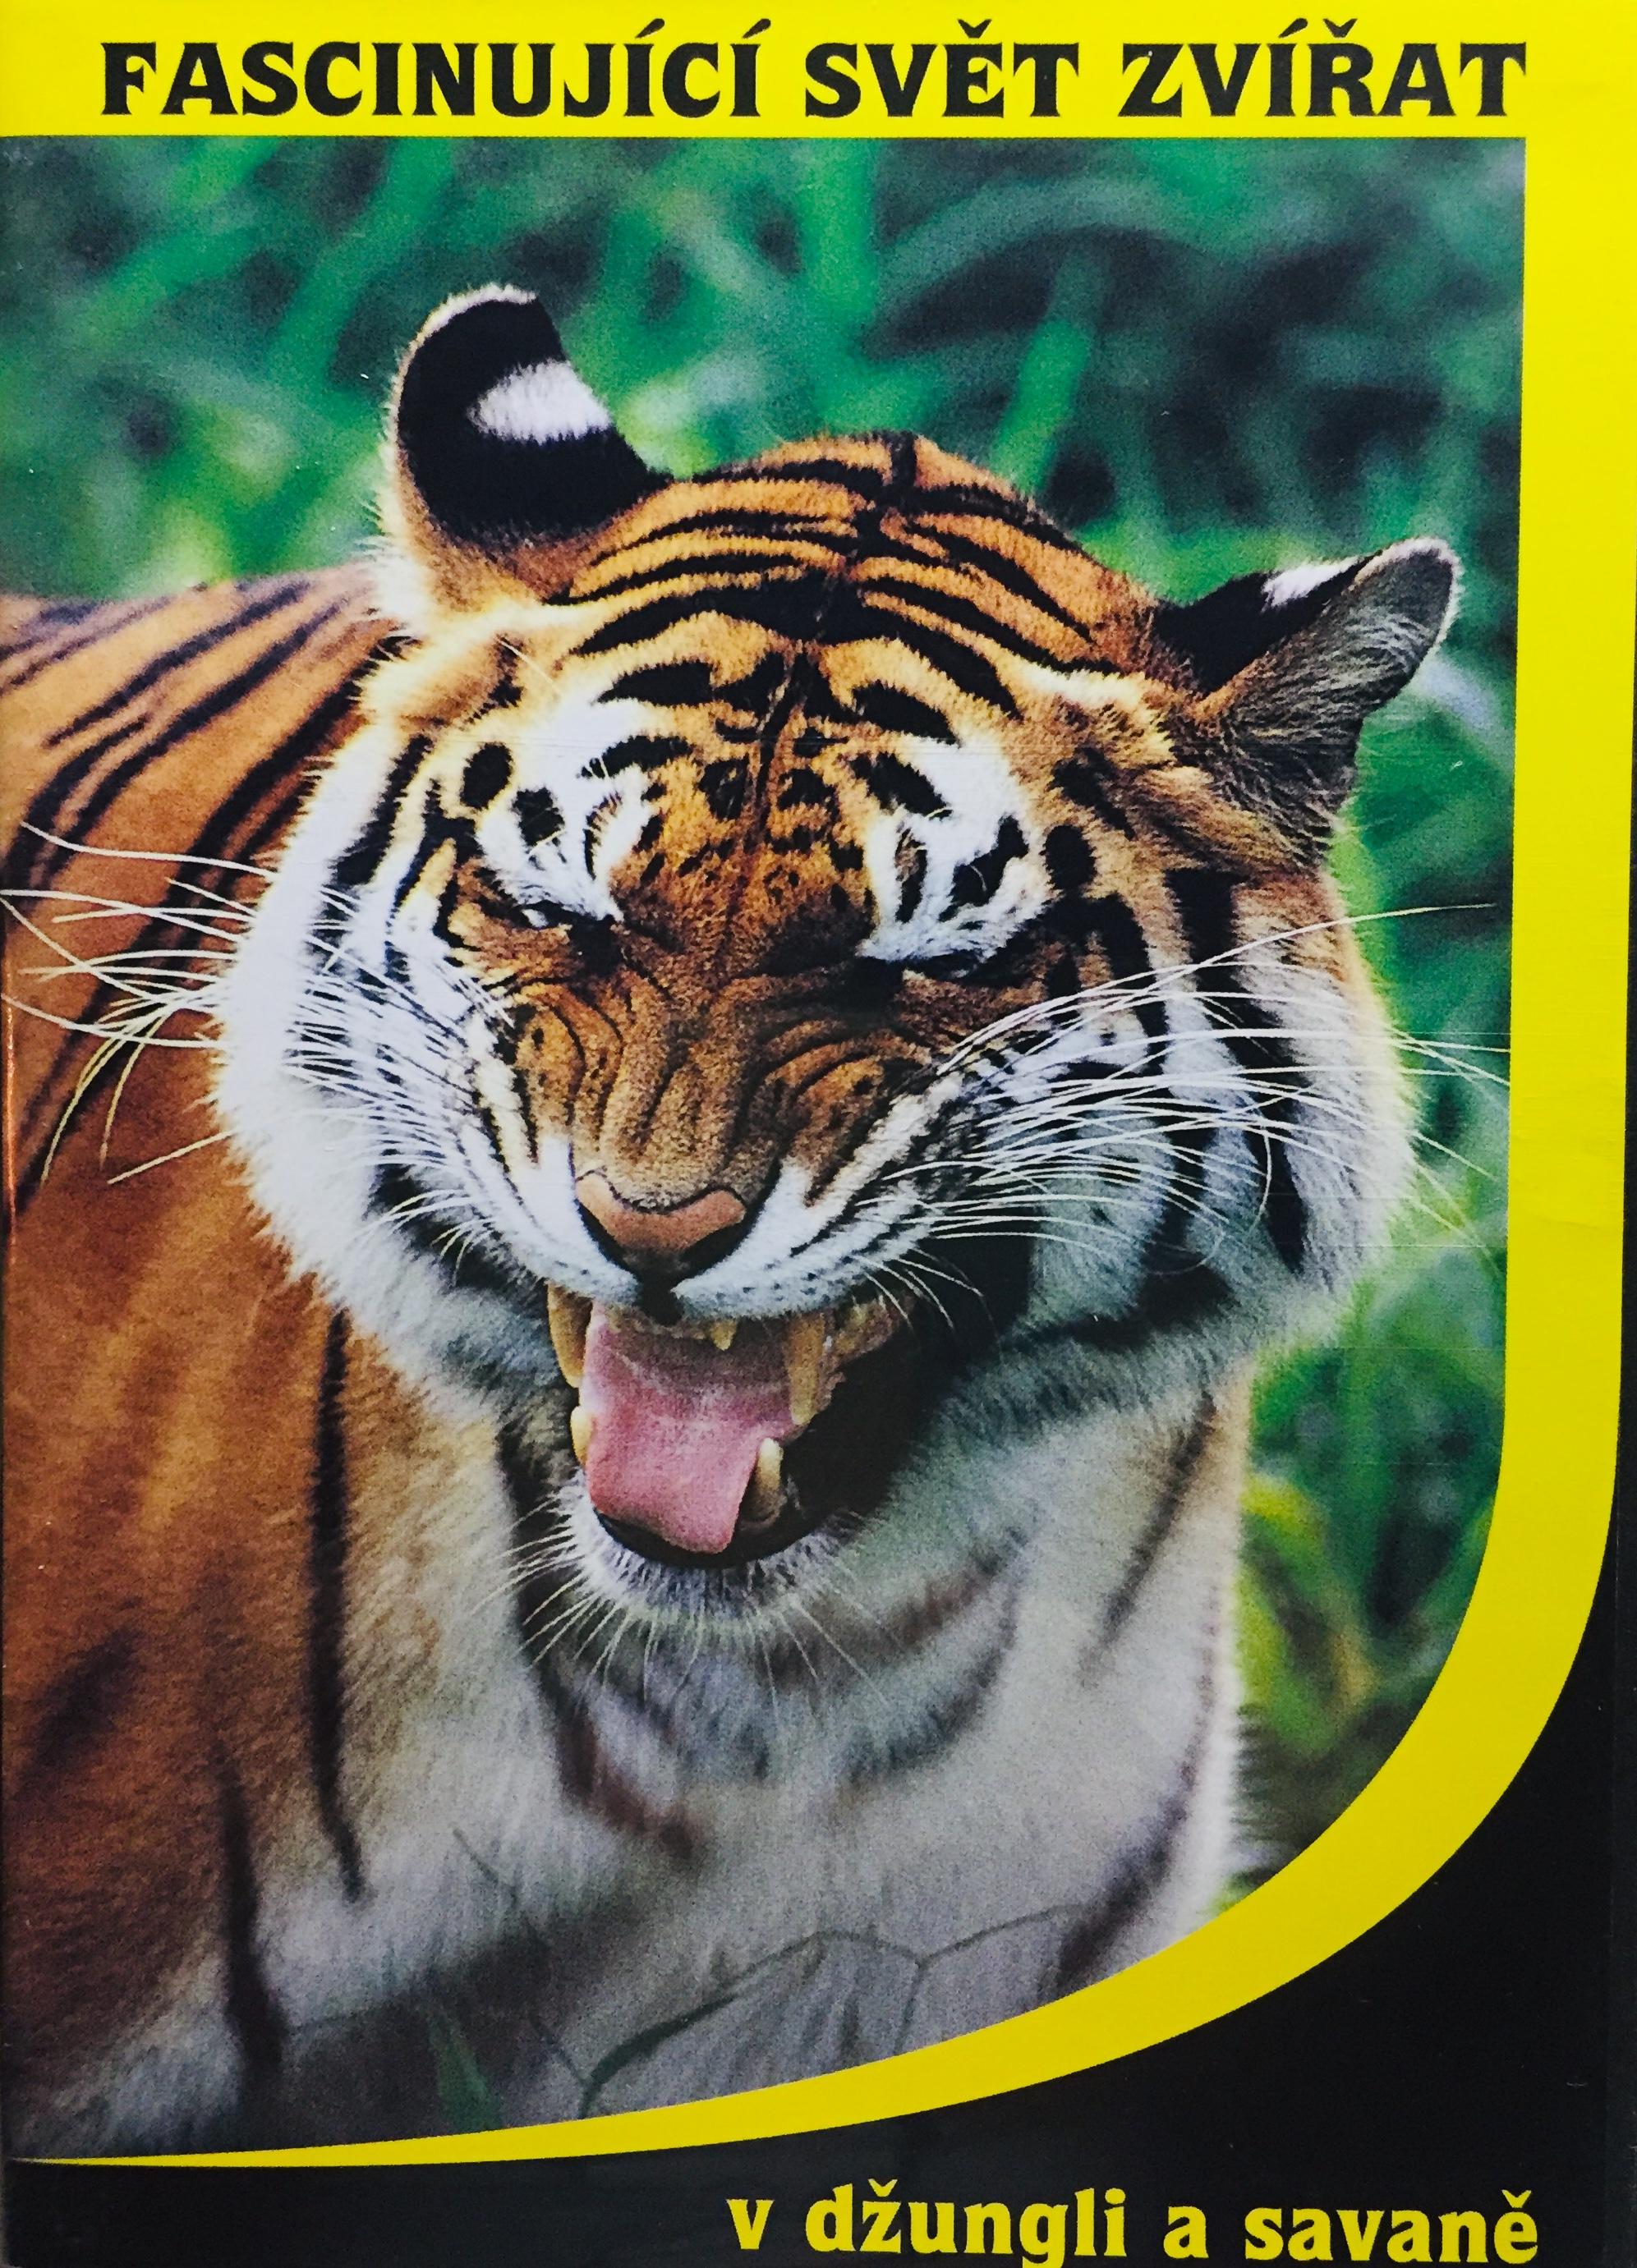 Fascinující svět zvířat - v džungli a savaně - DVD /plast/